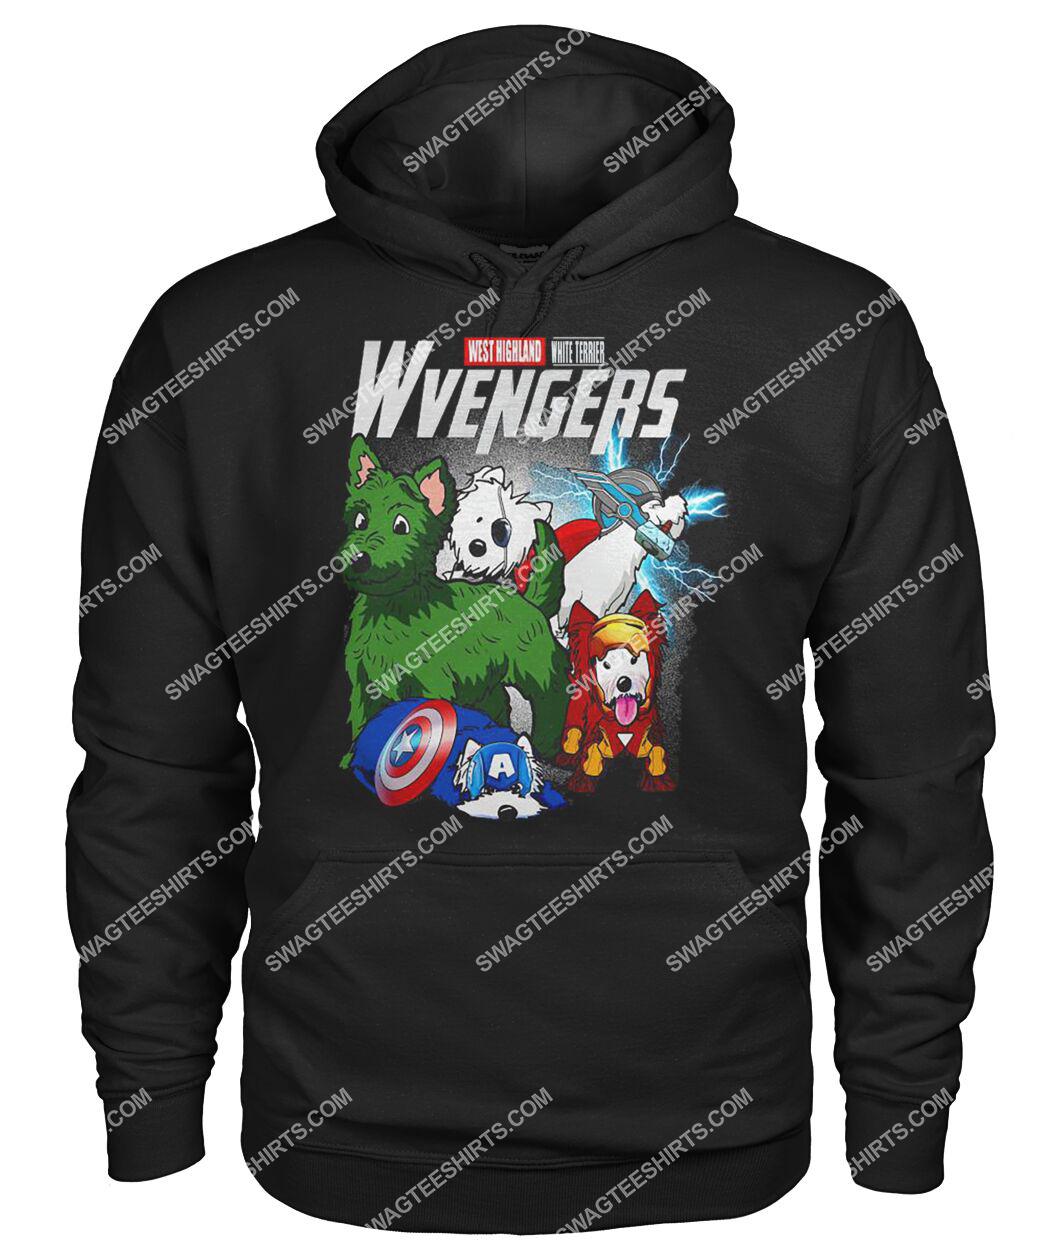 west highland white terrier wvengers marvel avengers dogs lover hoodie 1